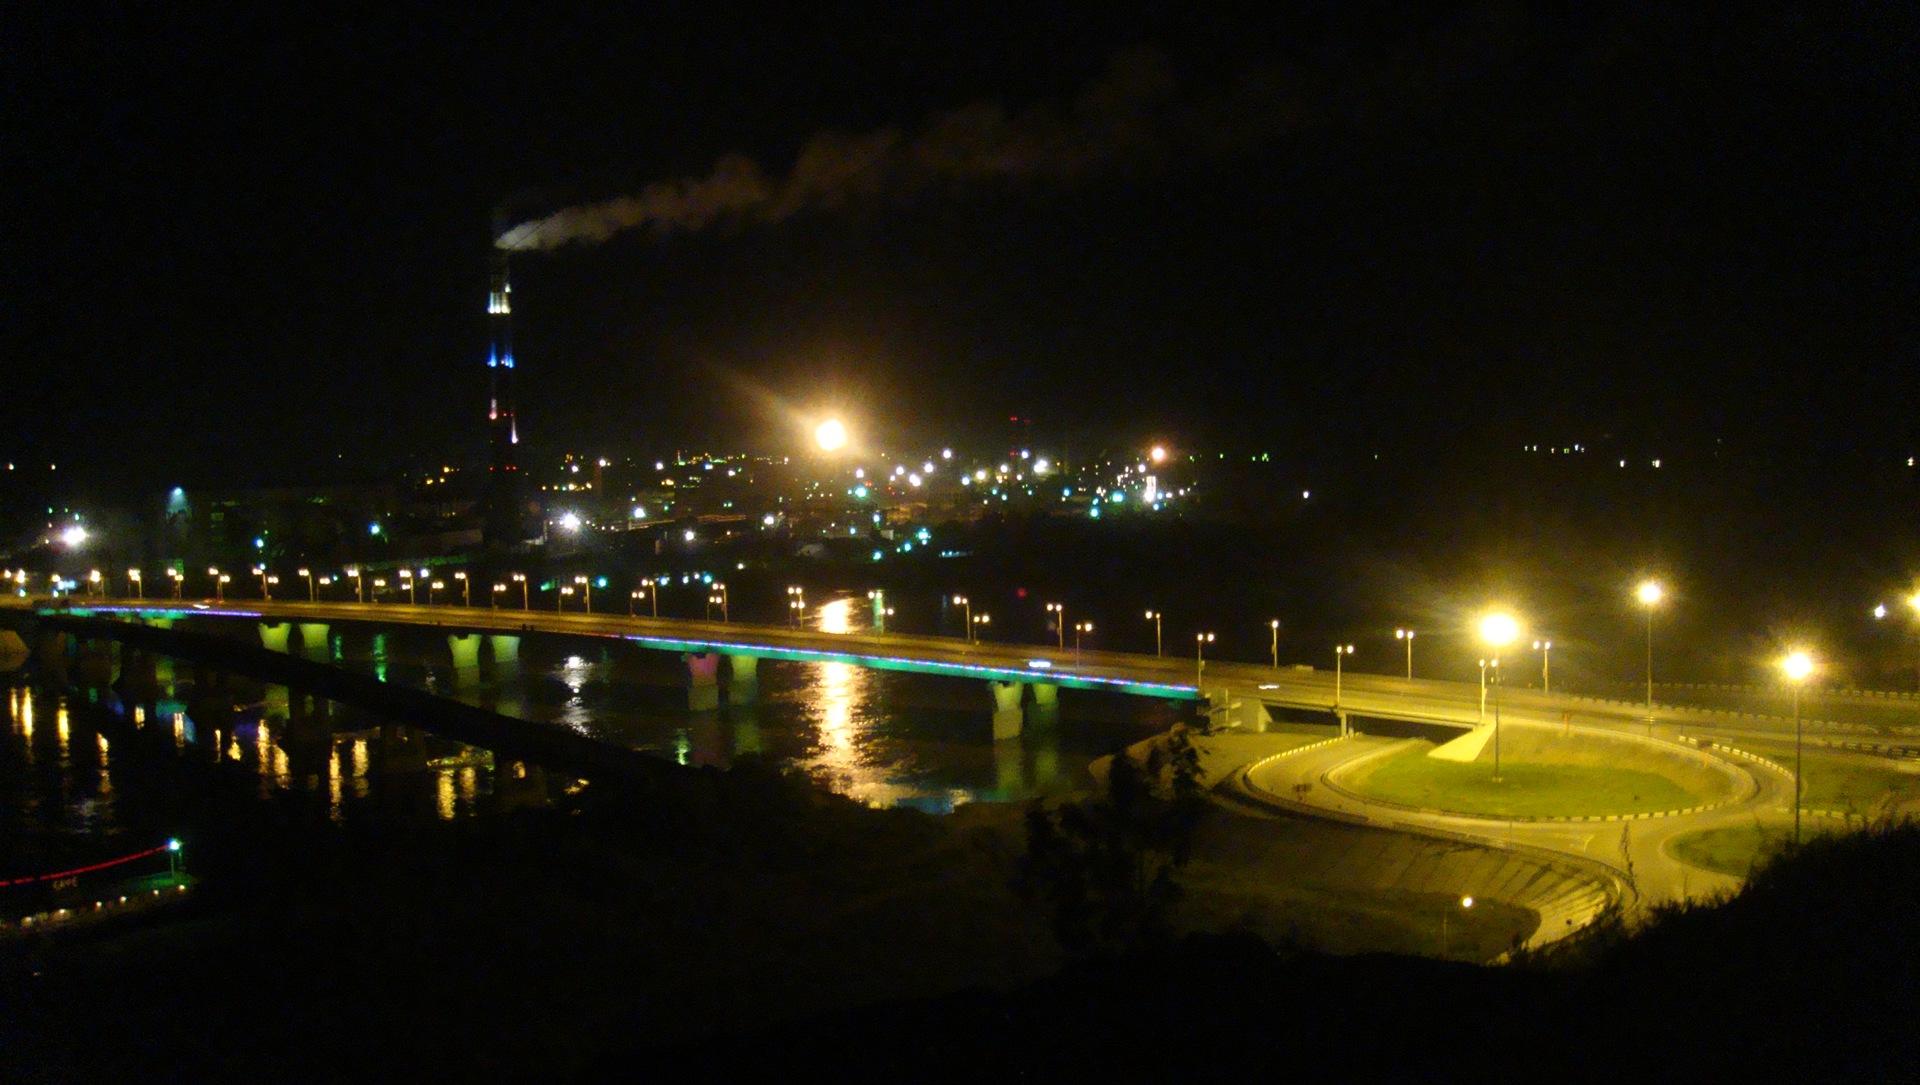 фото ночного кемерово расшифровка фото, электрической